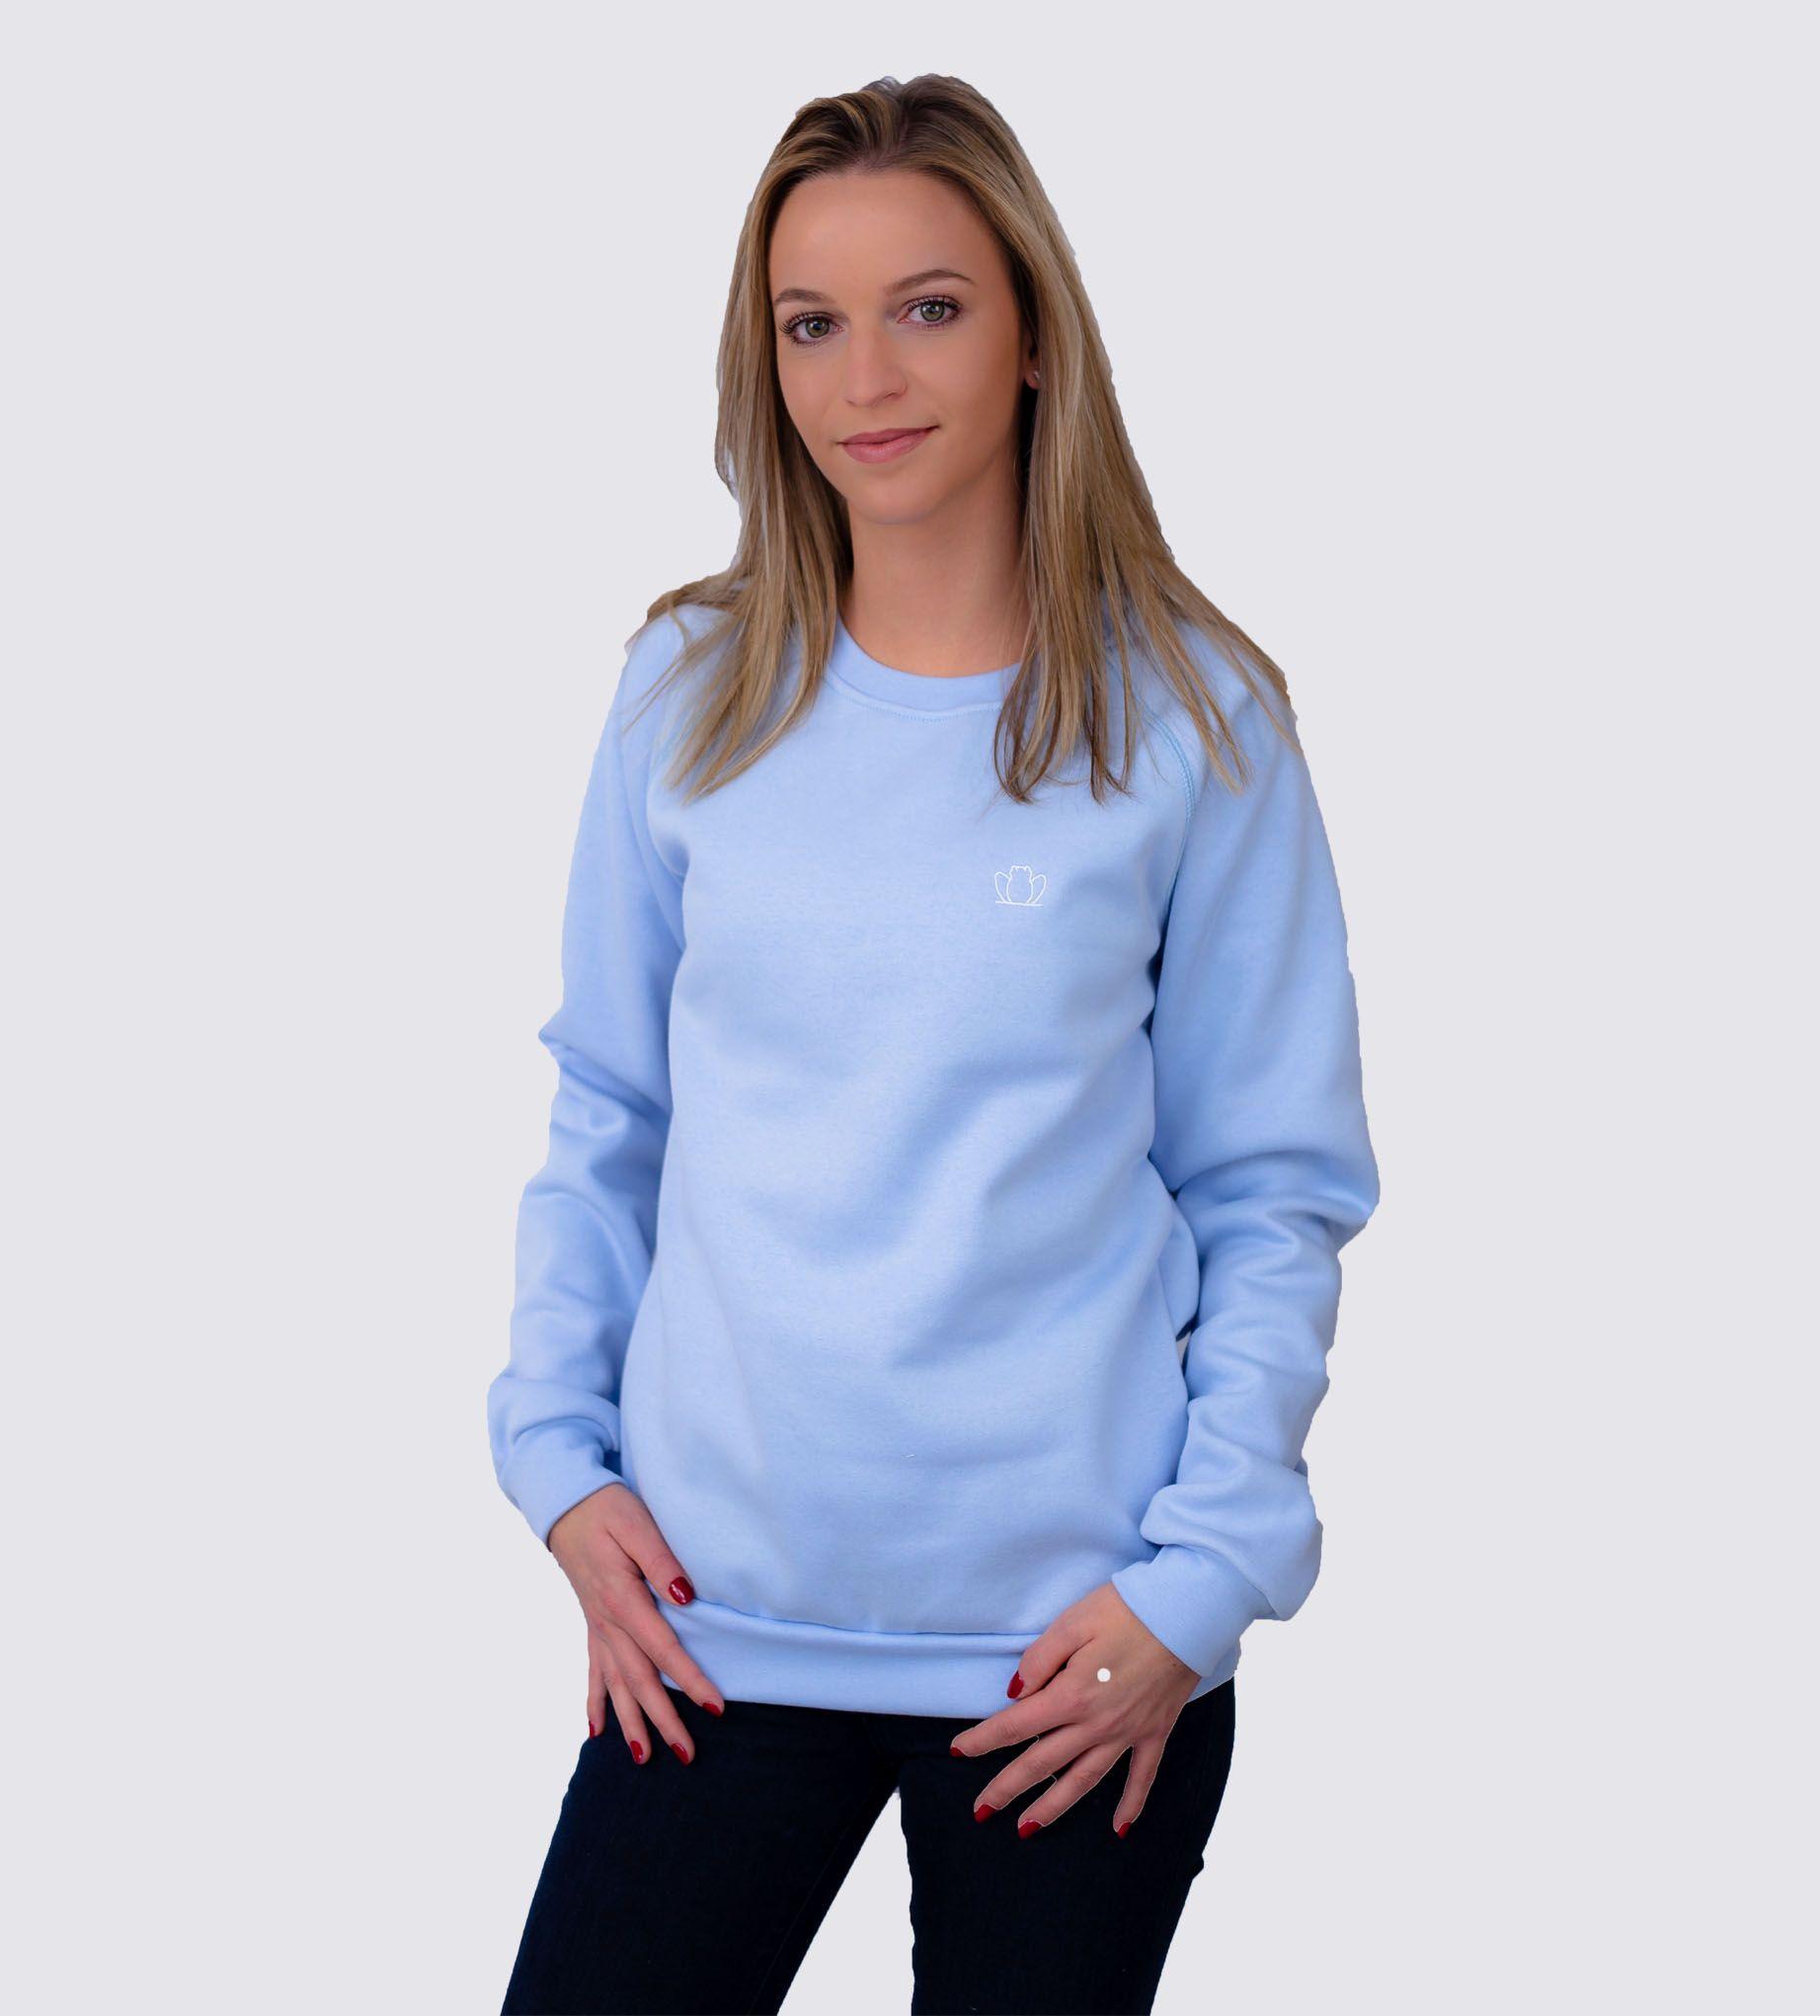 sweat-femme-bleu-ciel-made-in-france